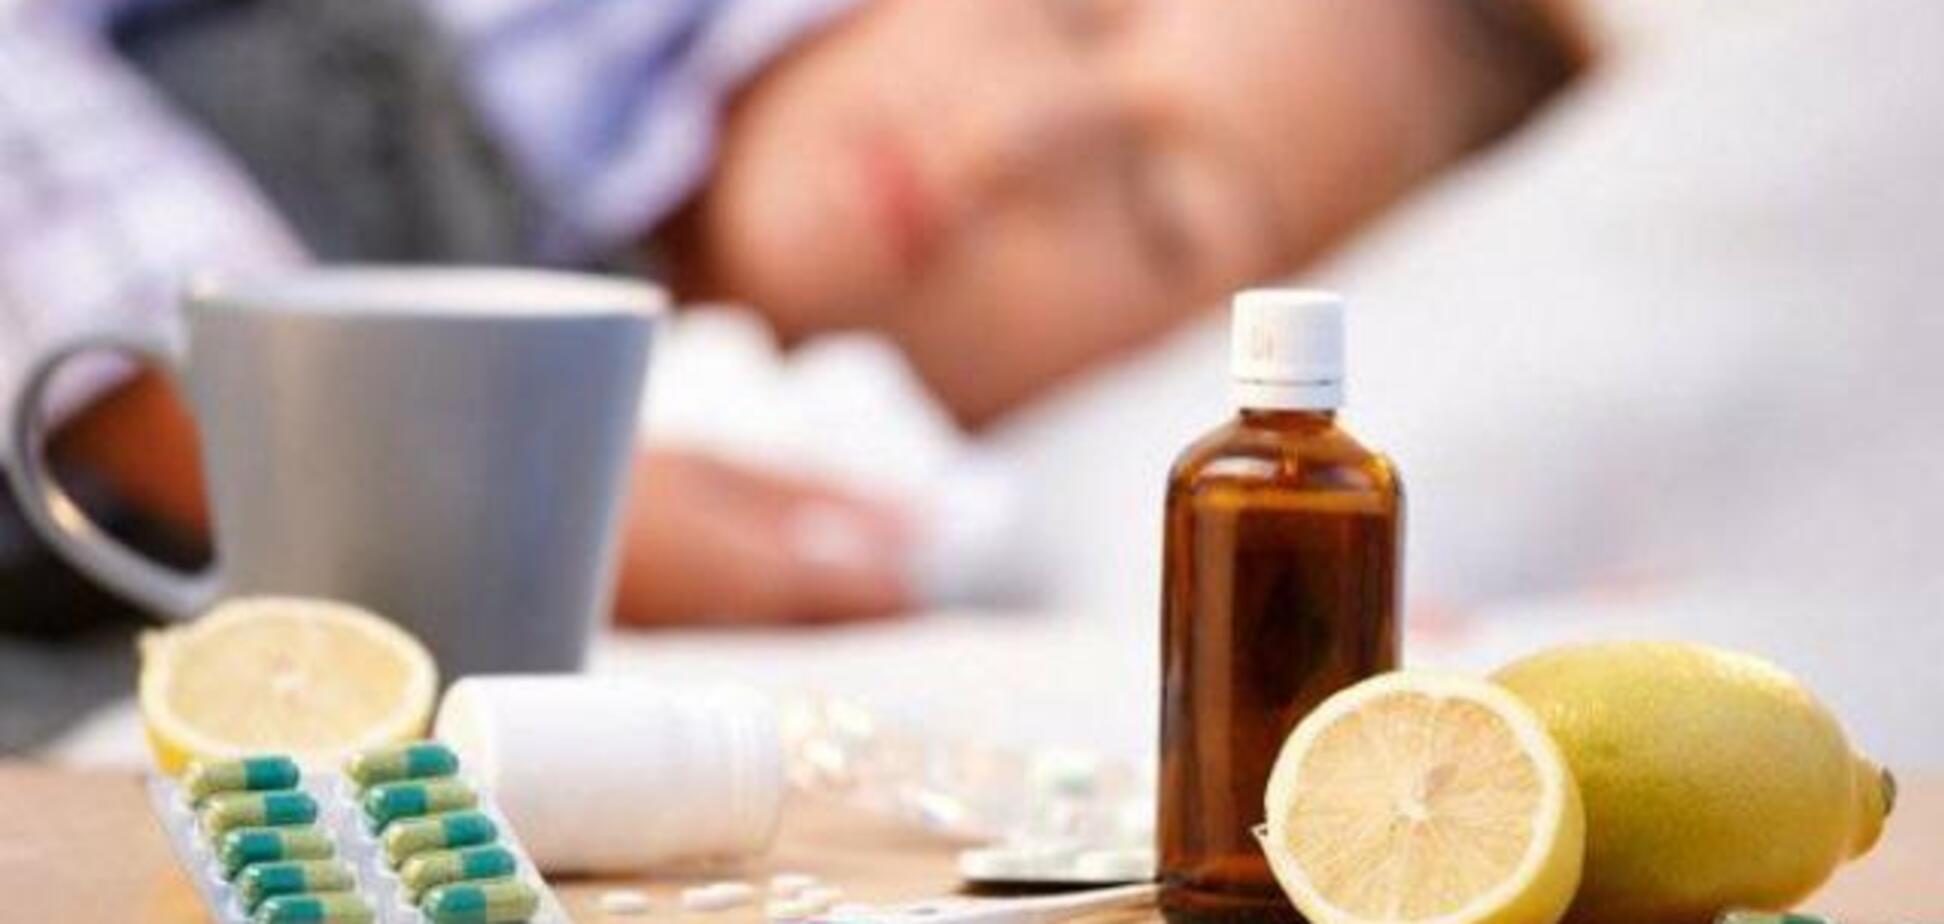 Ефективніше аналогів: створено революційні ліки від грипу